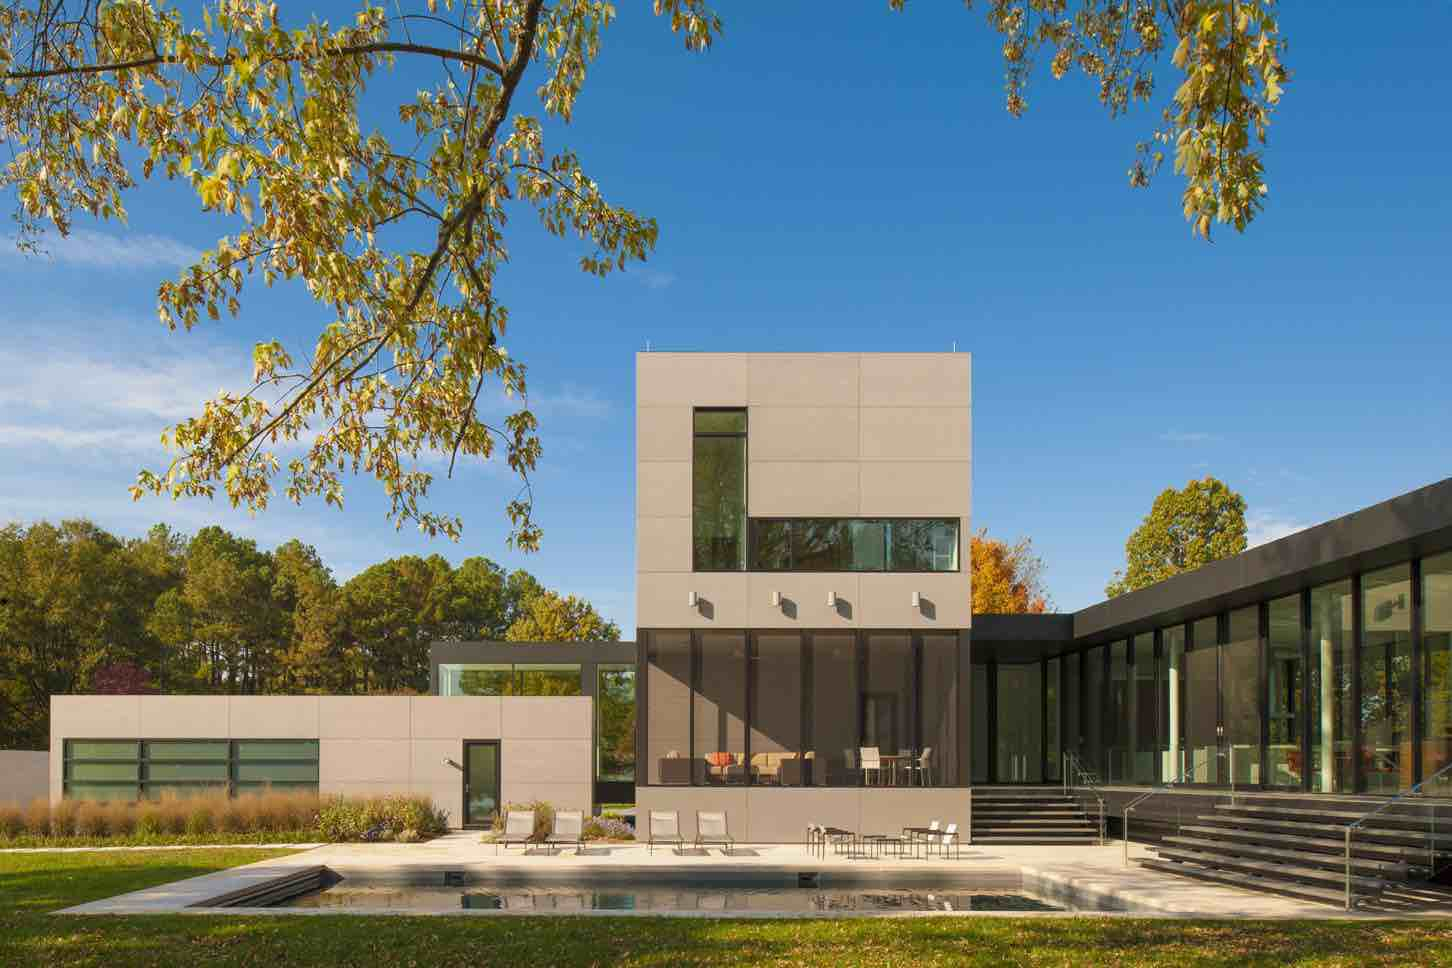 tred-avon-river-house-robert-m-gurney-architect_mackenzie-gurney-guttmanresidence-10